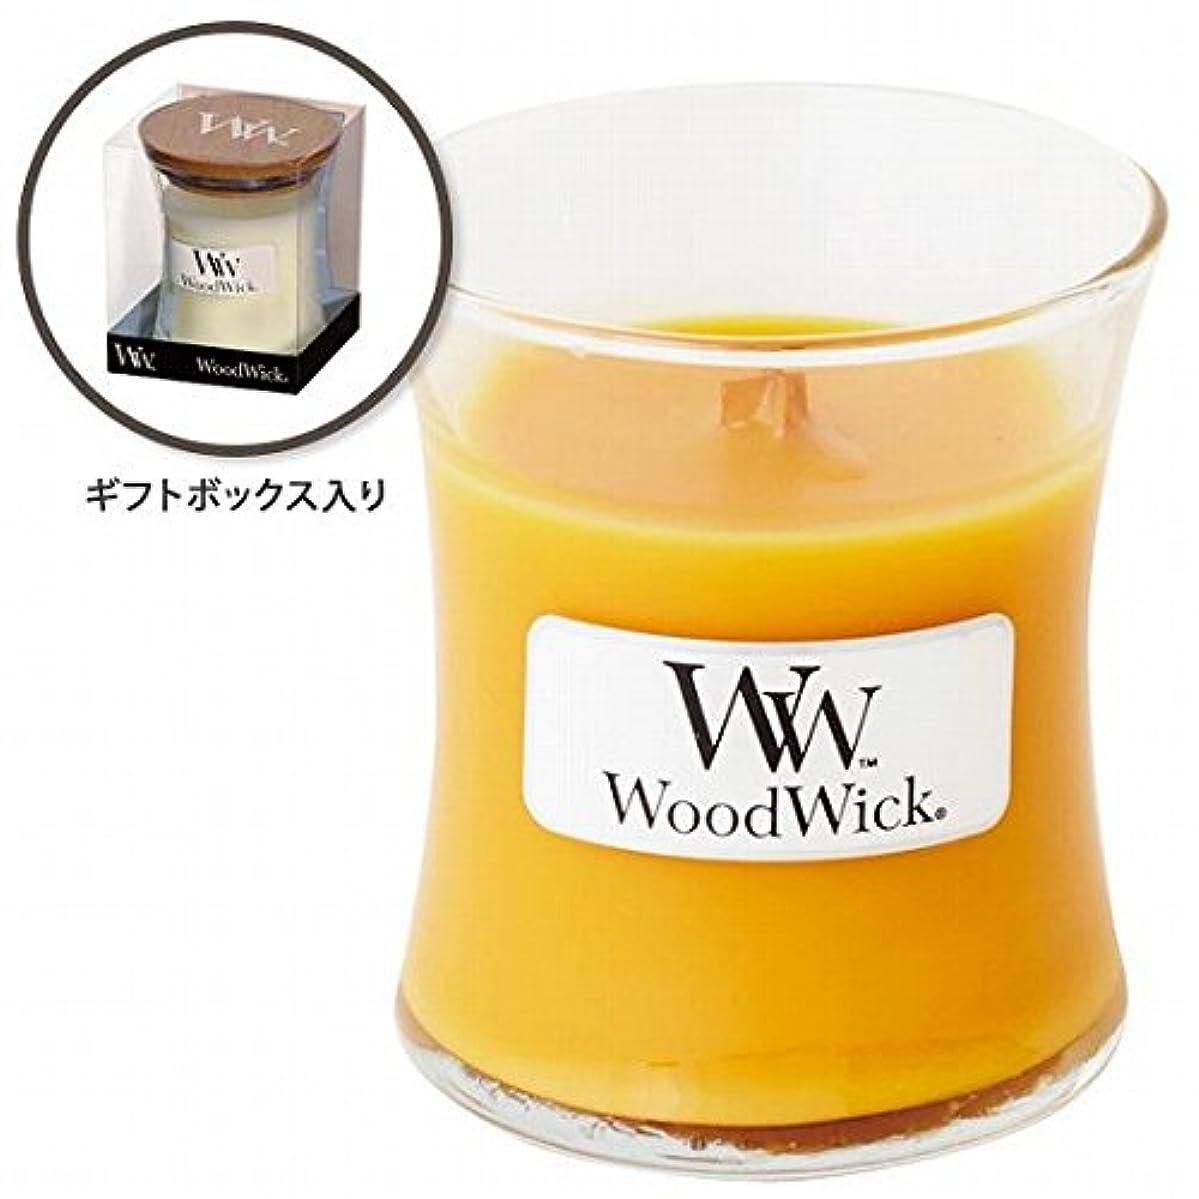 一瞬結婚式疫病WoodWick(ウッドウィック) Wood WickジャーS 「スパークリングオレンジ」(W9000562)